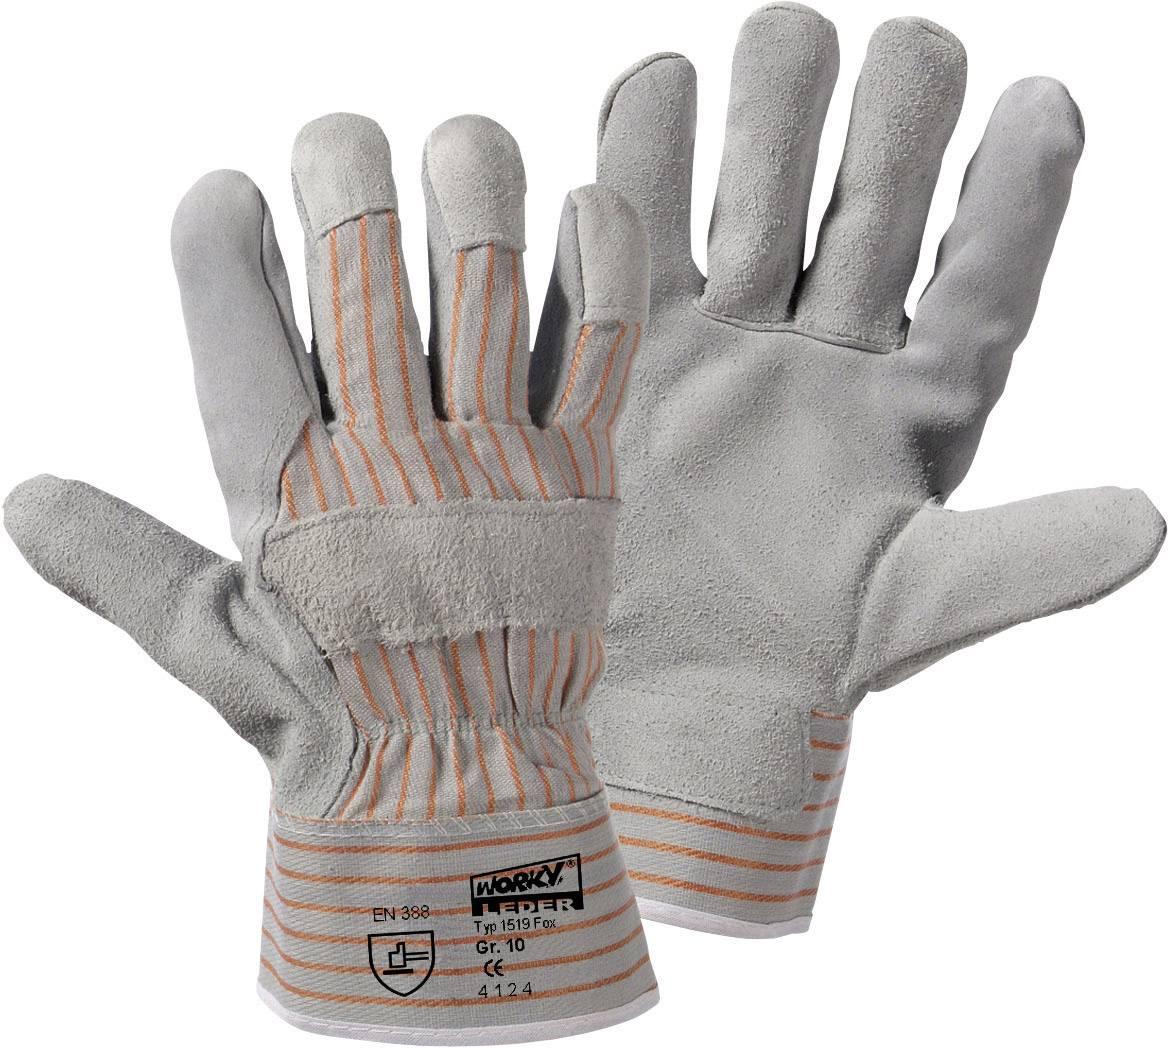 Pracovní rukavice worky Fox 1519, velikost rukavic: 10, XL